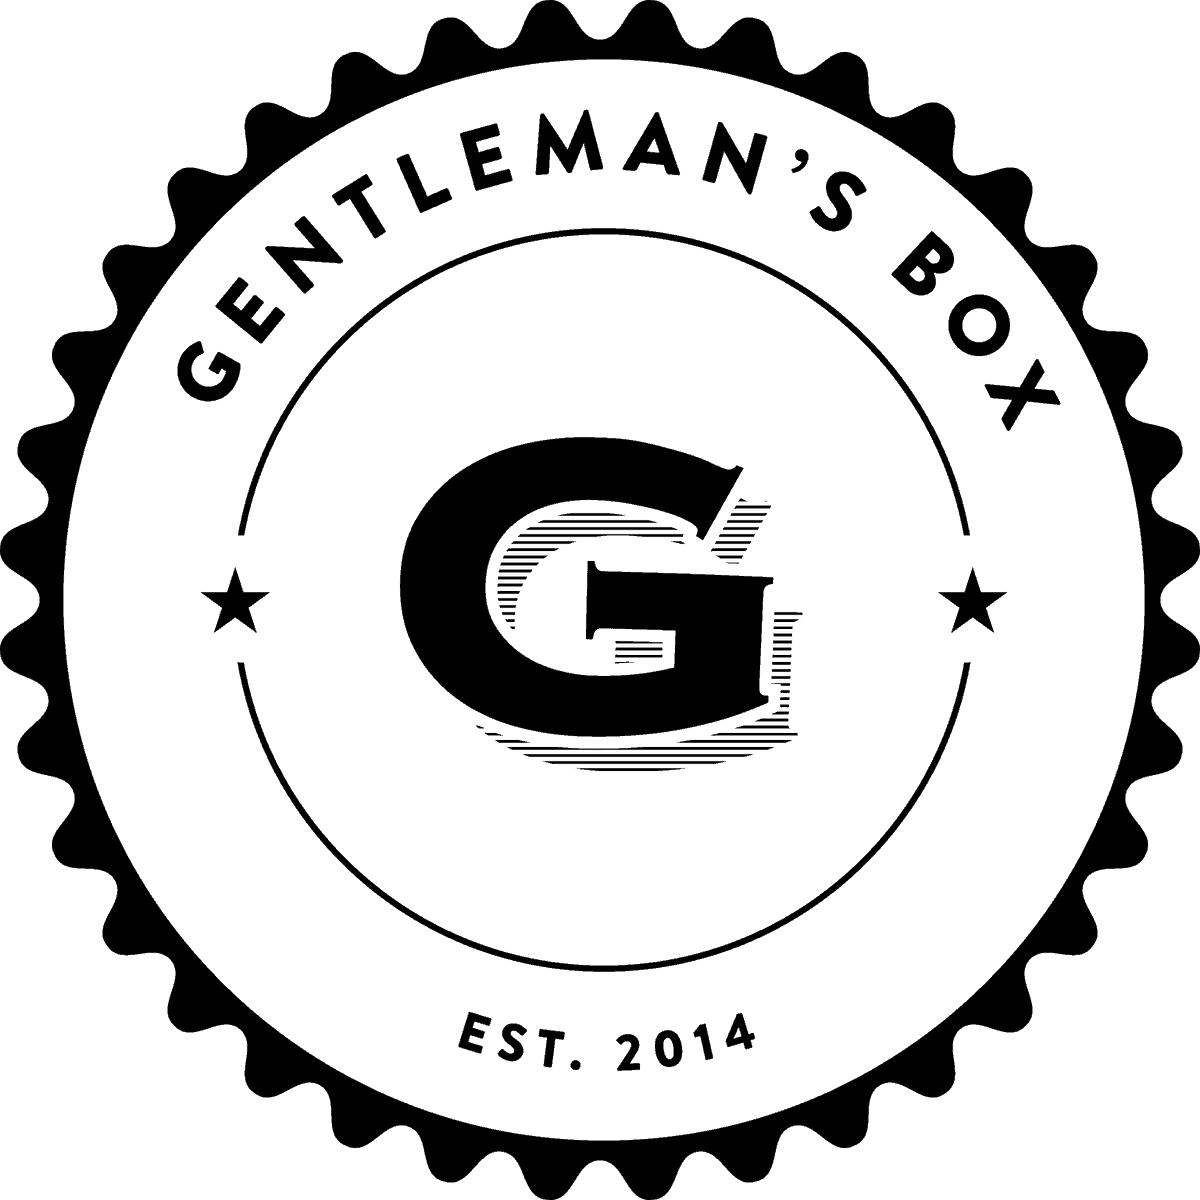 Gentleman S Box